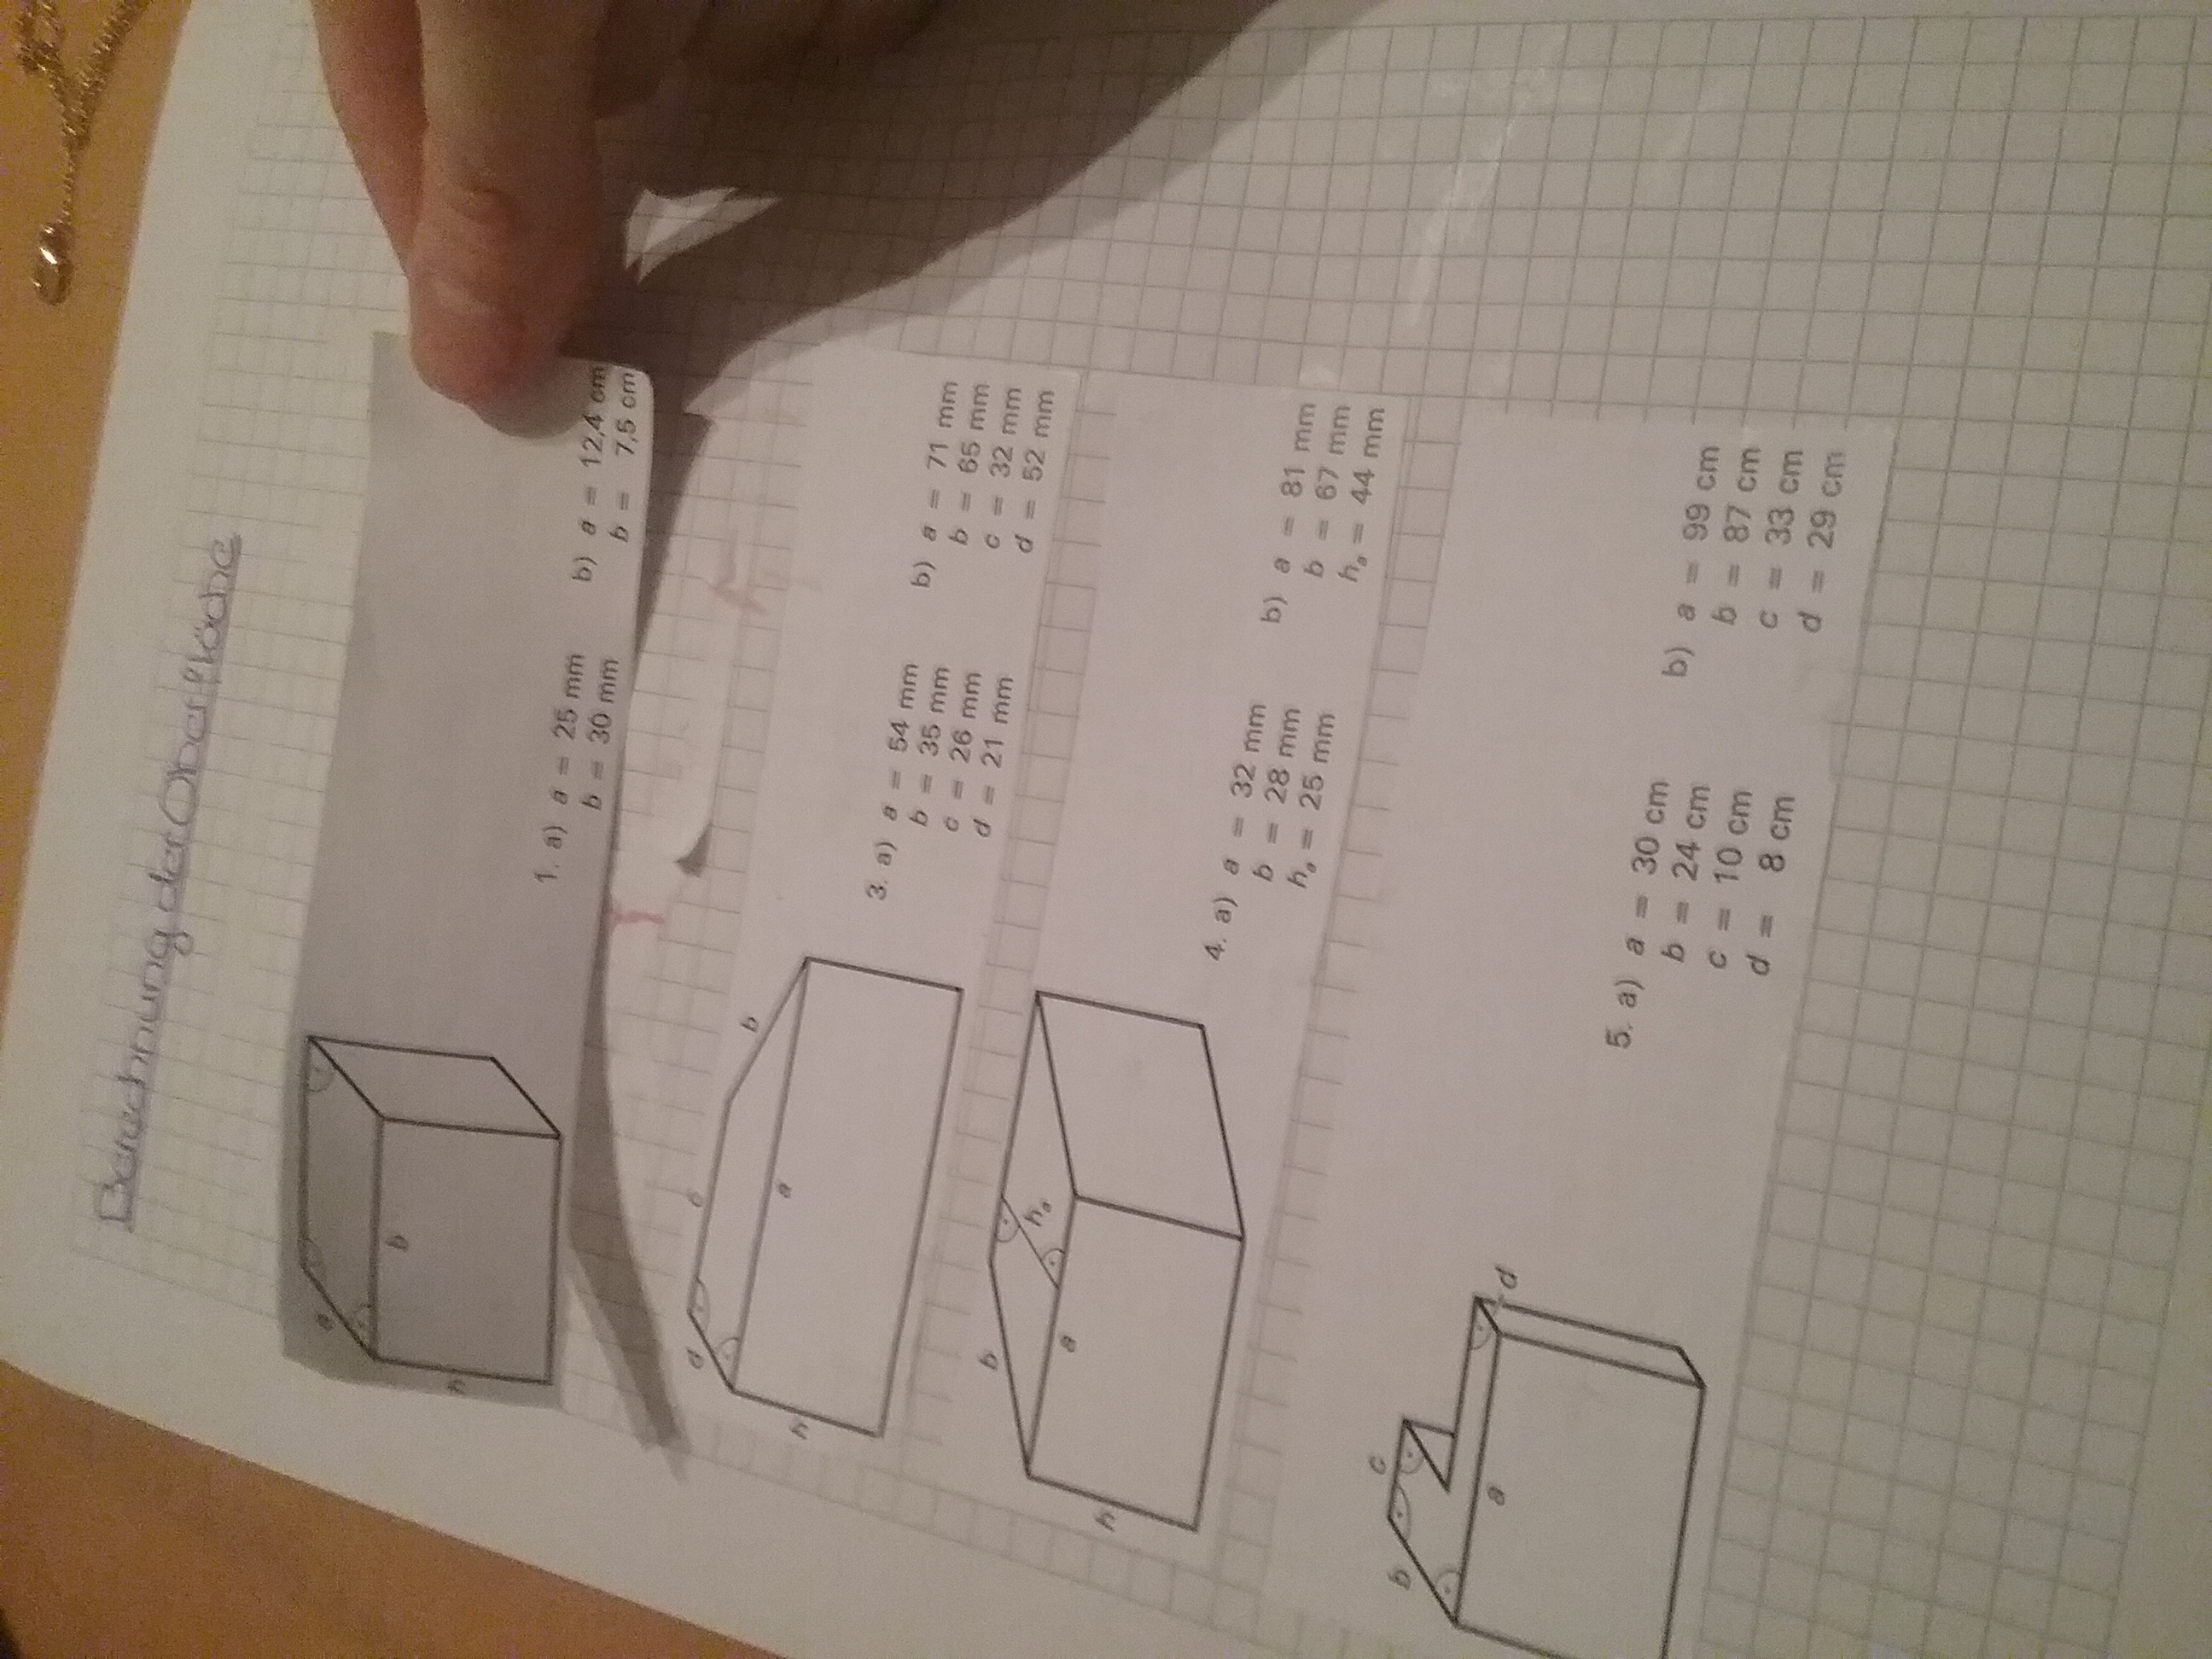 Großartig Oberfläche Von Prismen Arbeitsblatt Antworten ...